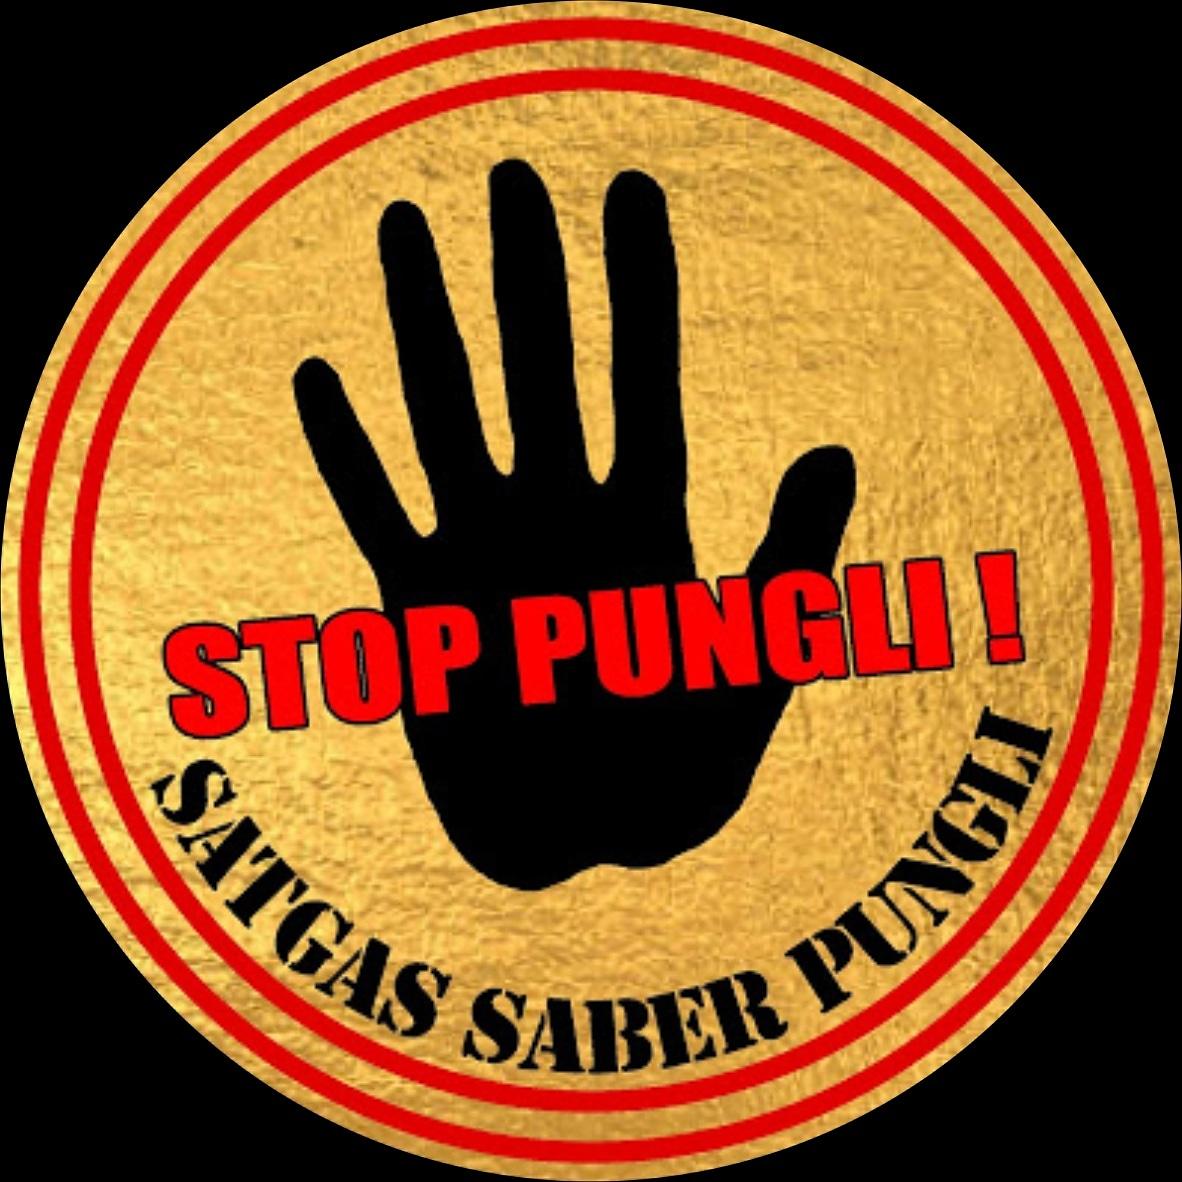 2.307 giat Satgas Saber Pungli Se Indonesia Dilaporkan Ke Kasatgas Saber Pungli Irwasum Polri